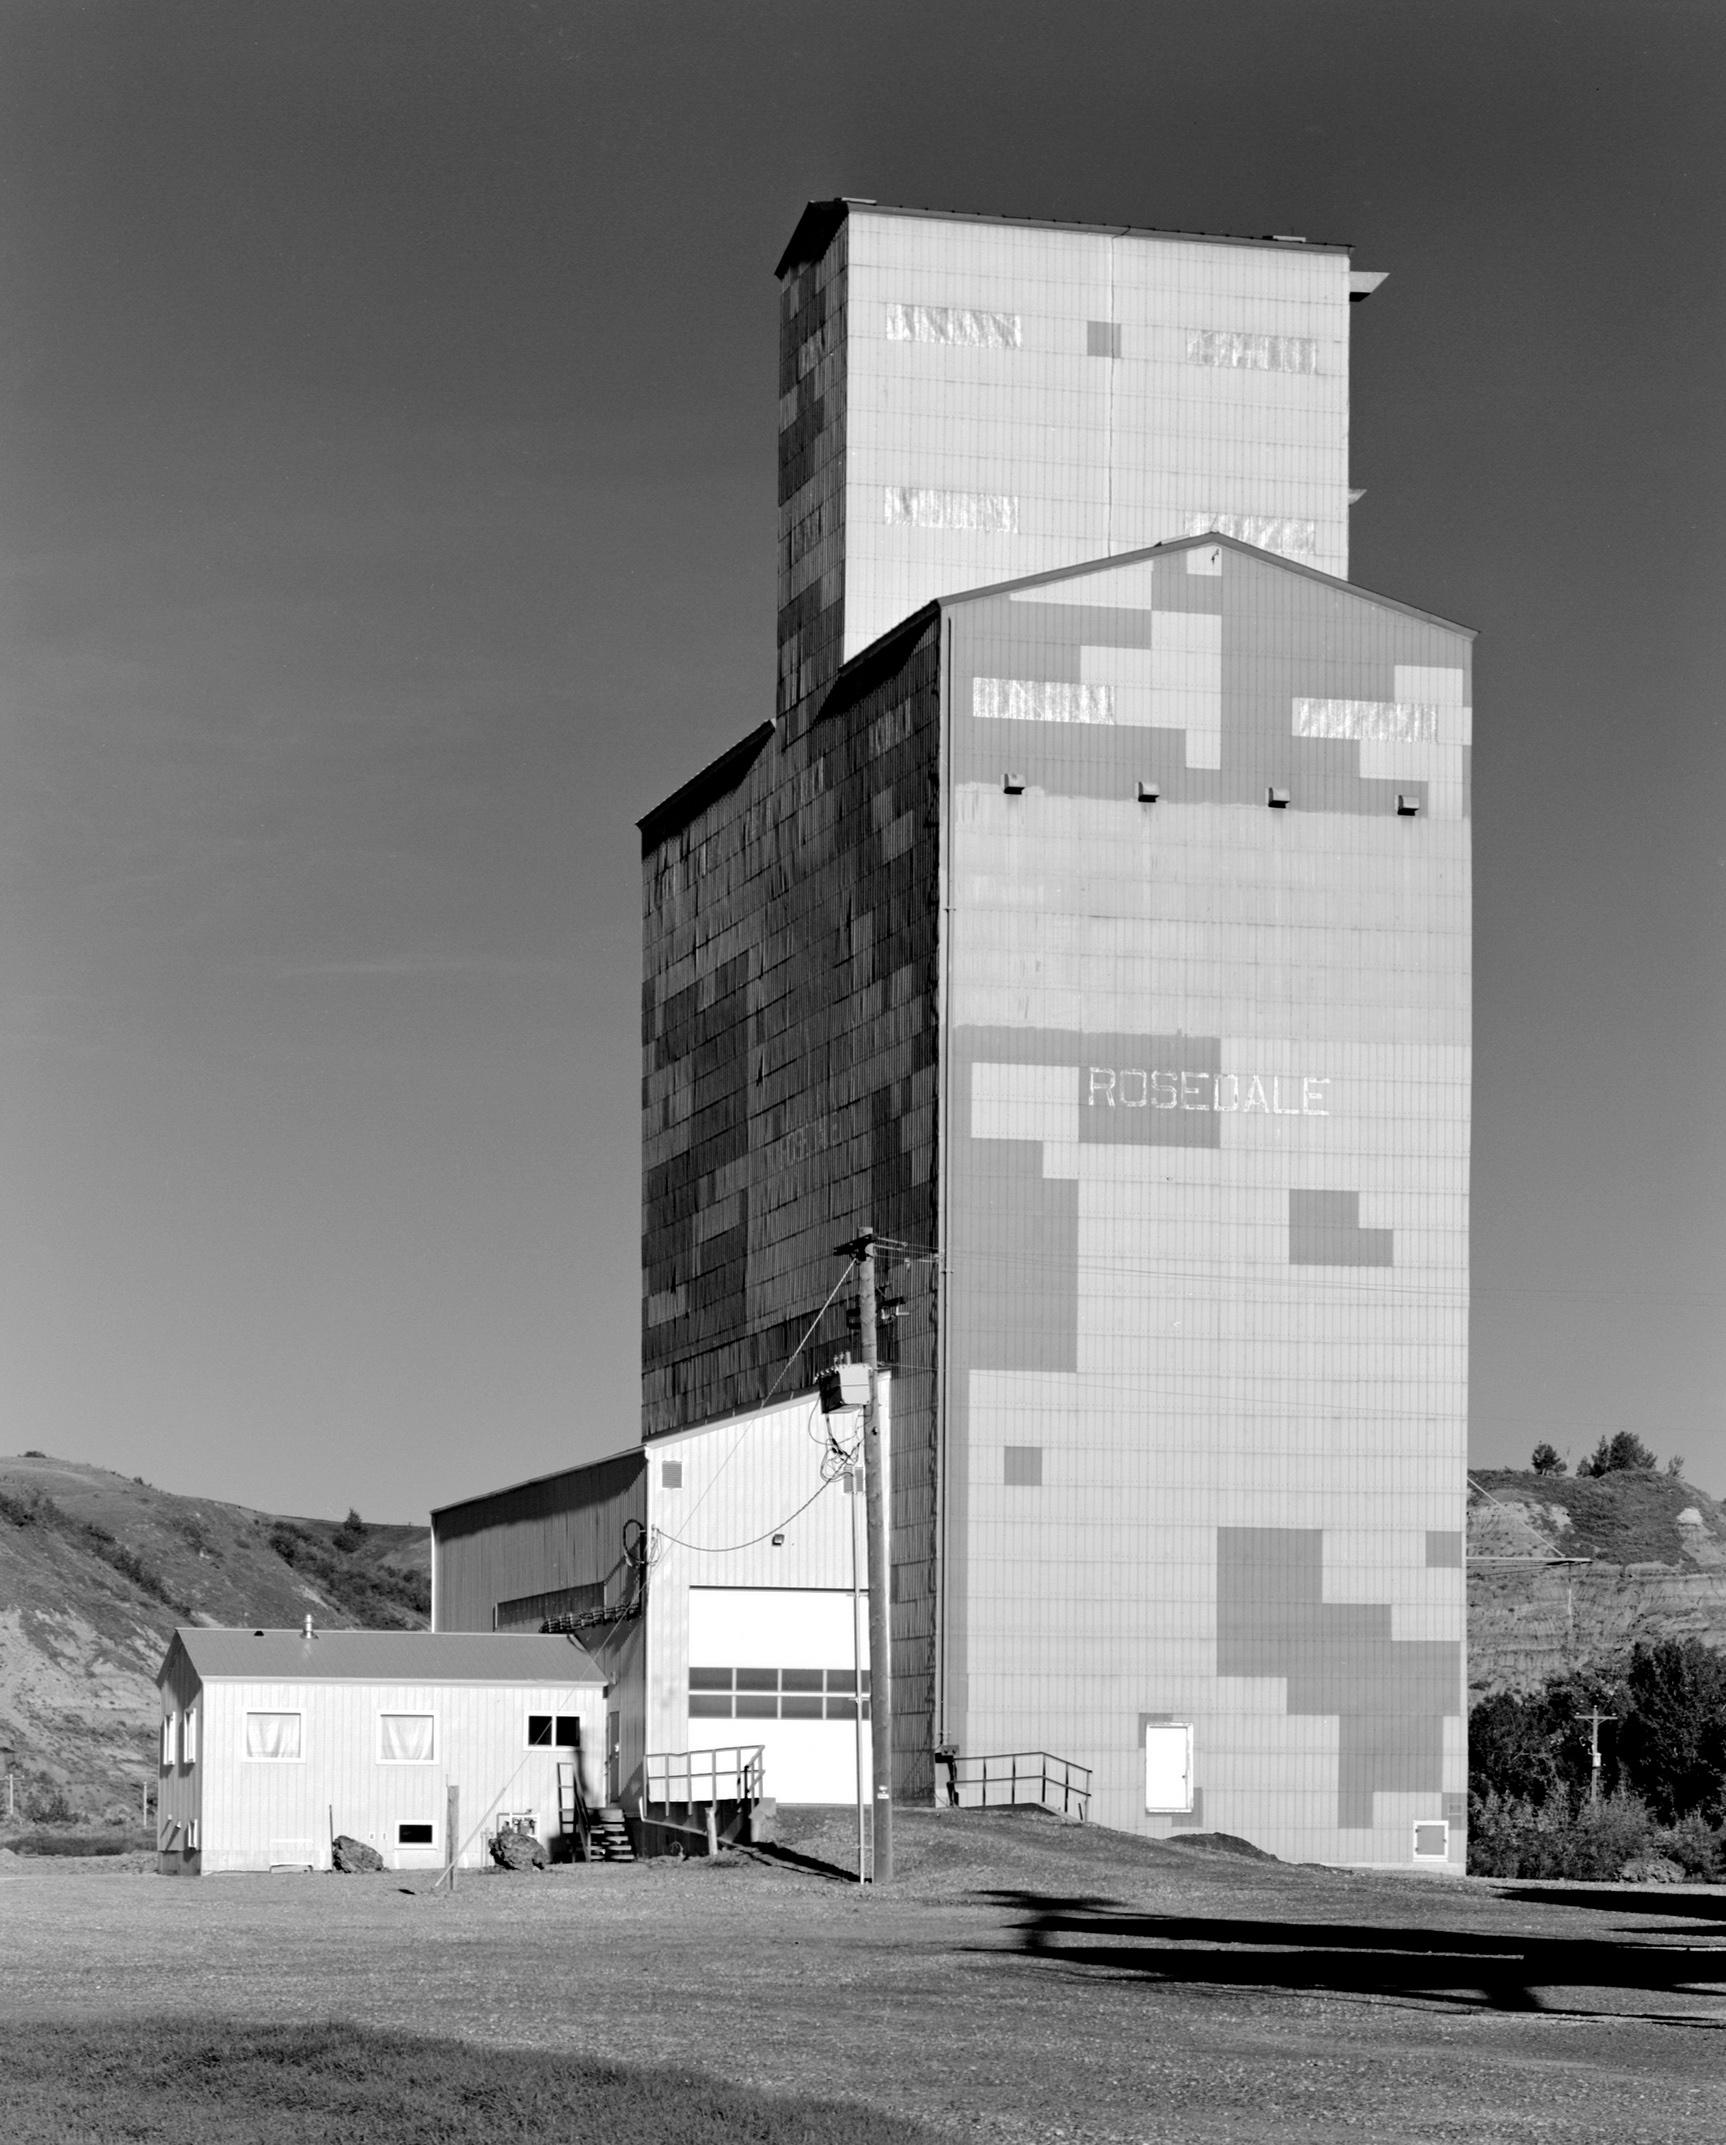 152305- Prairie Buildings